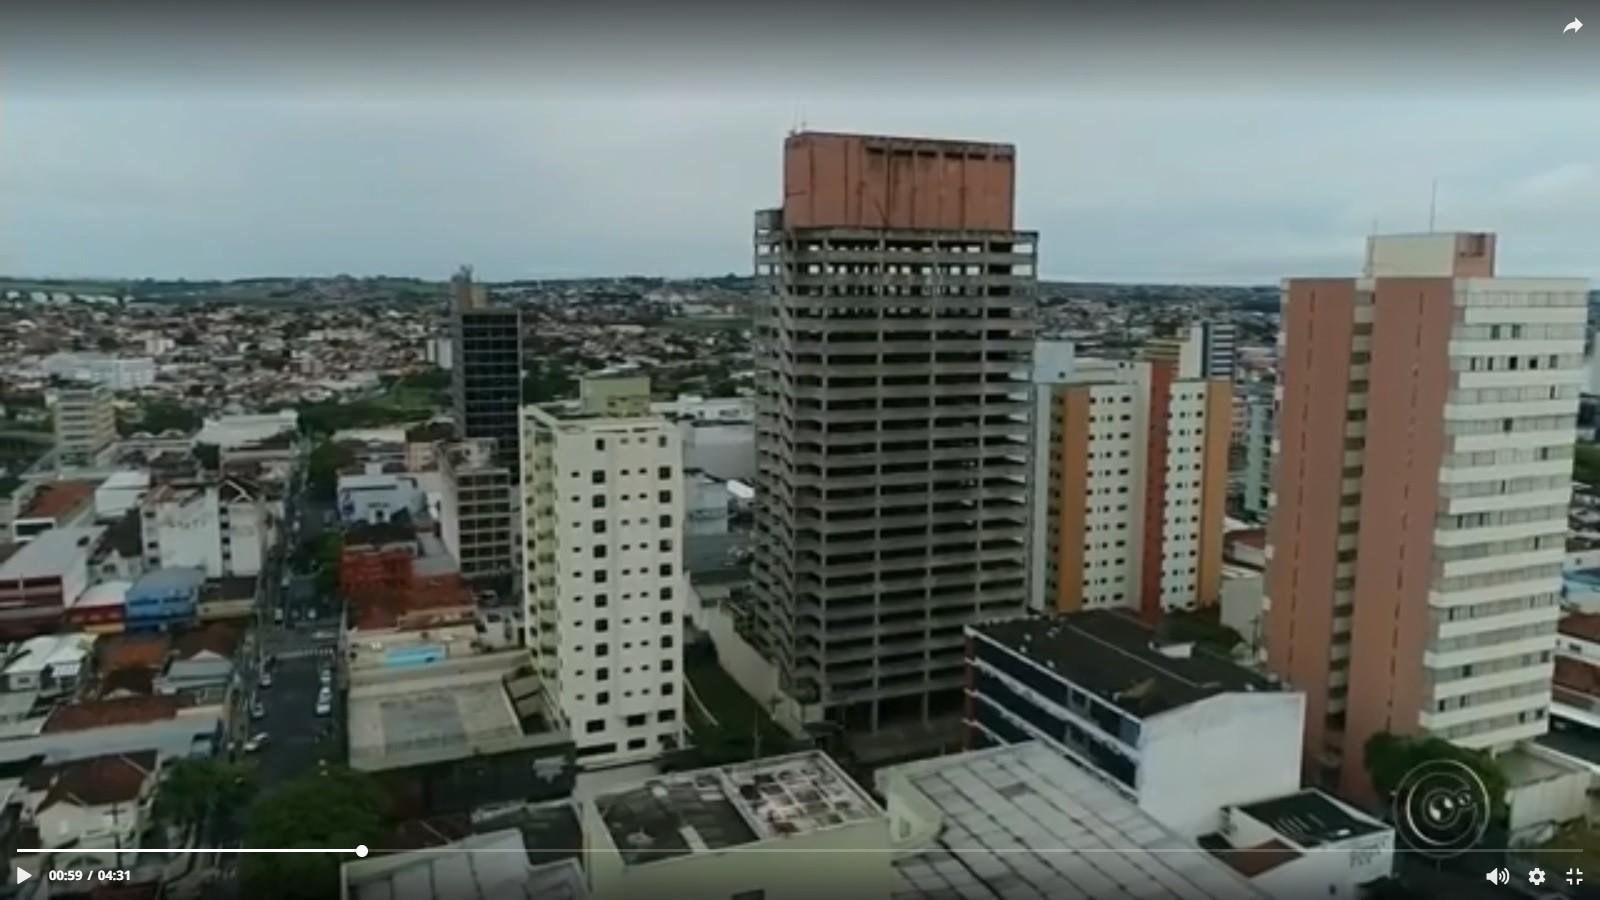 Prefeitura abre o formulário virtual para envio de sugestões sobre projeto da Lei de Zoneamento de Bauru